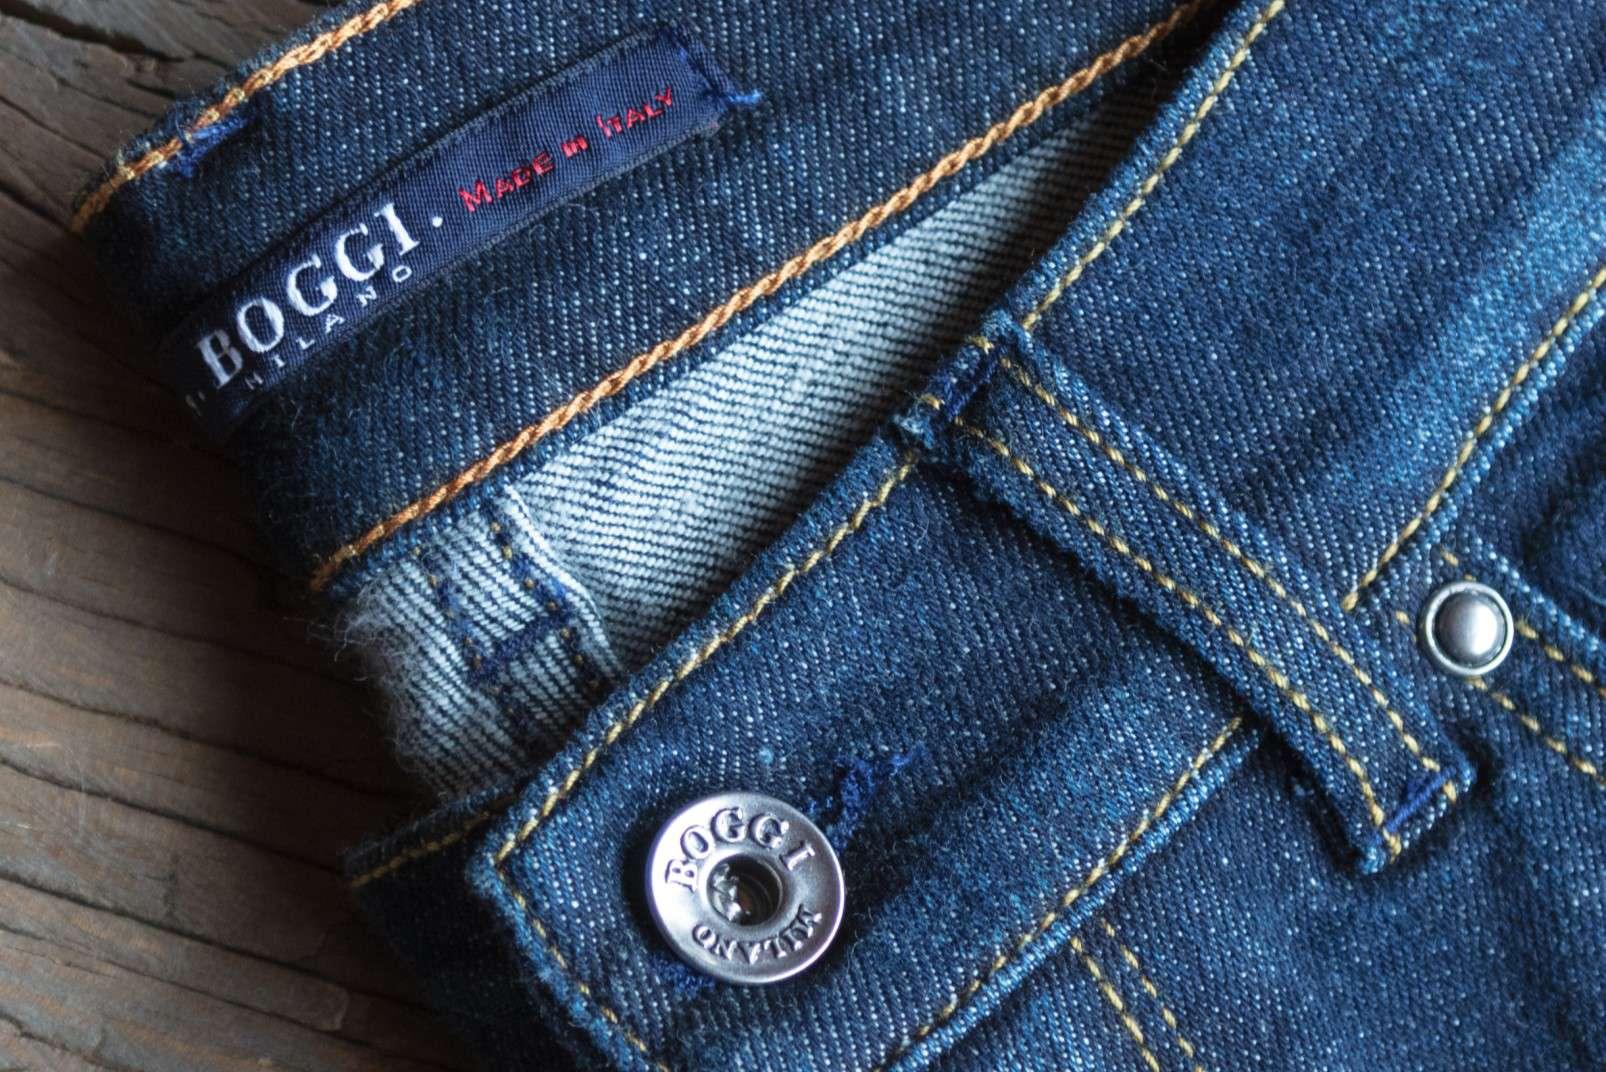 Boggi Milano denim jeans 12